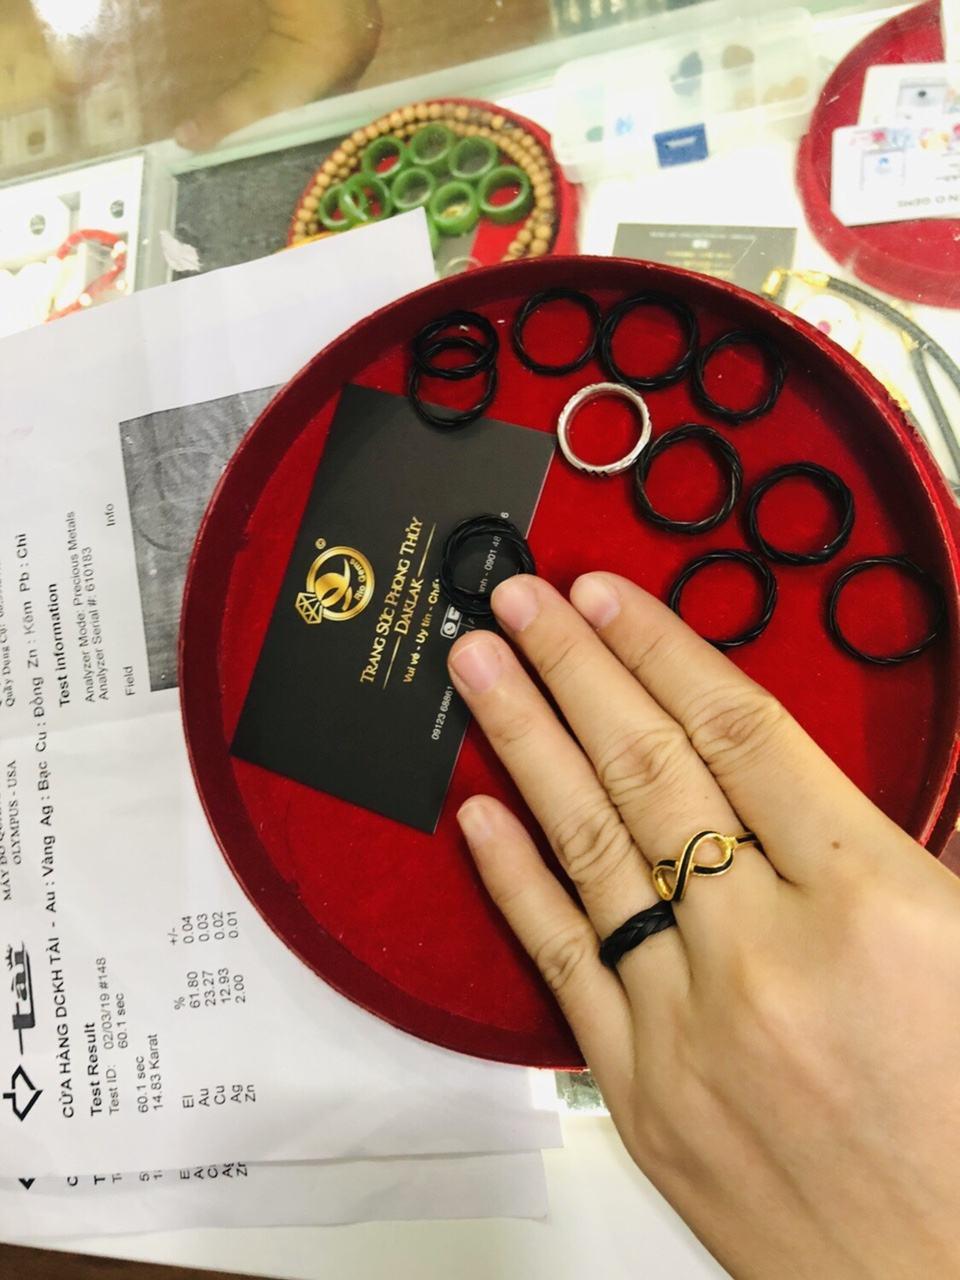 Nhẫn đan tay 1 sợi lông (lông FAKE) Riogems